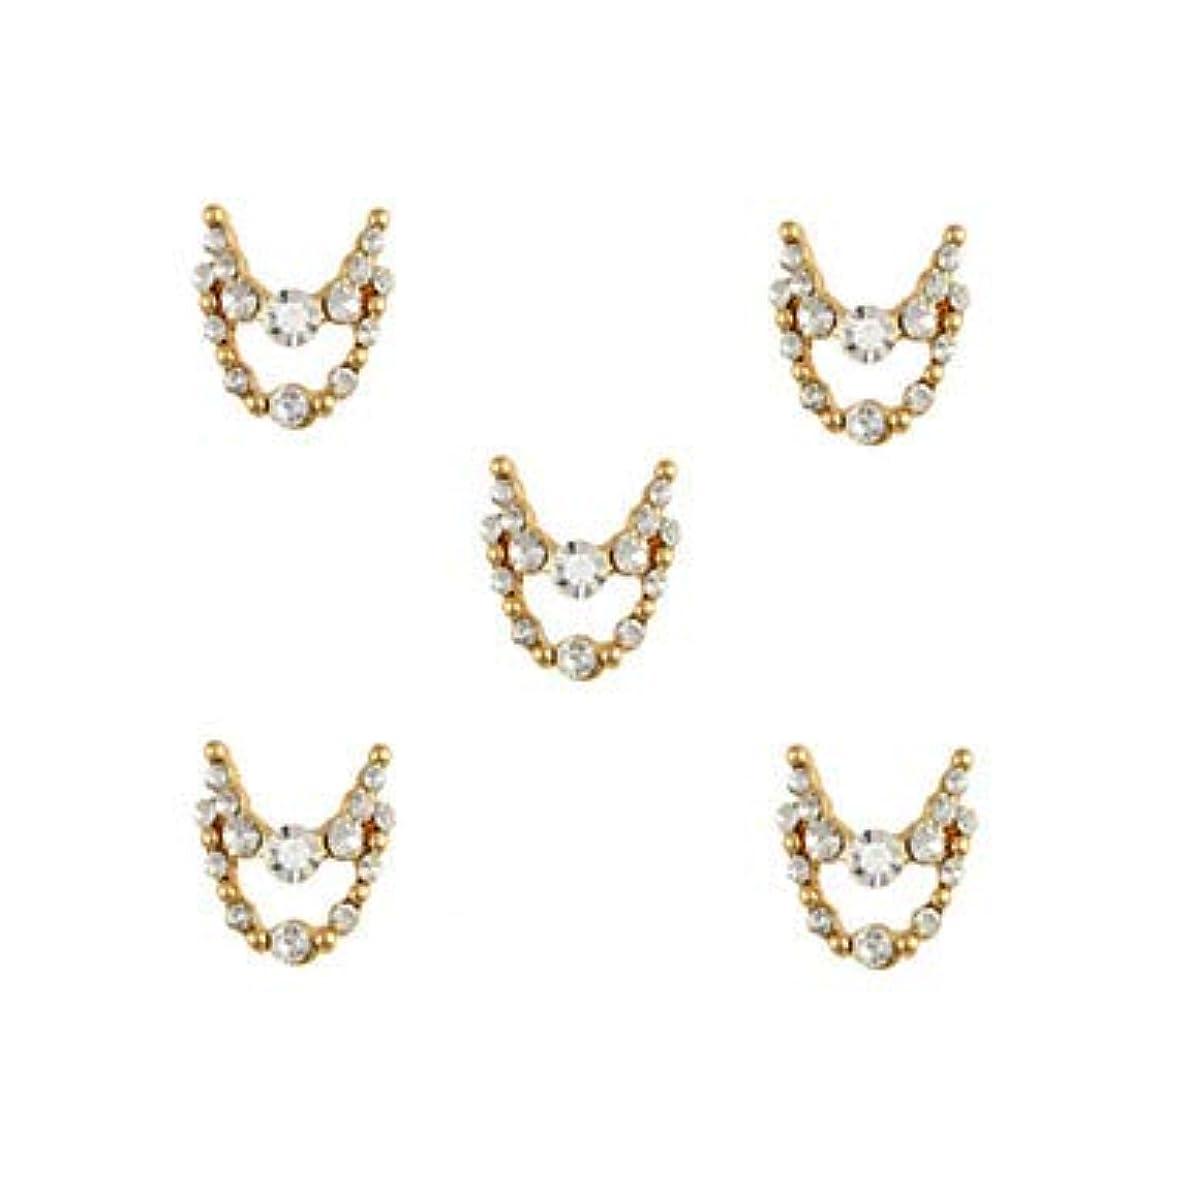 流産乗り出す大惨事明確なラインストーン3dチャーム合金ネイルアートの装飾が付いている10個入りゴールドネックレスブラブラ